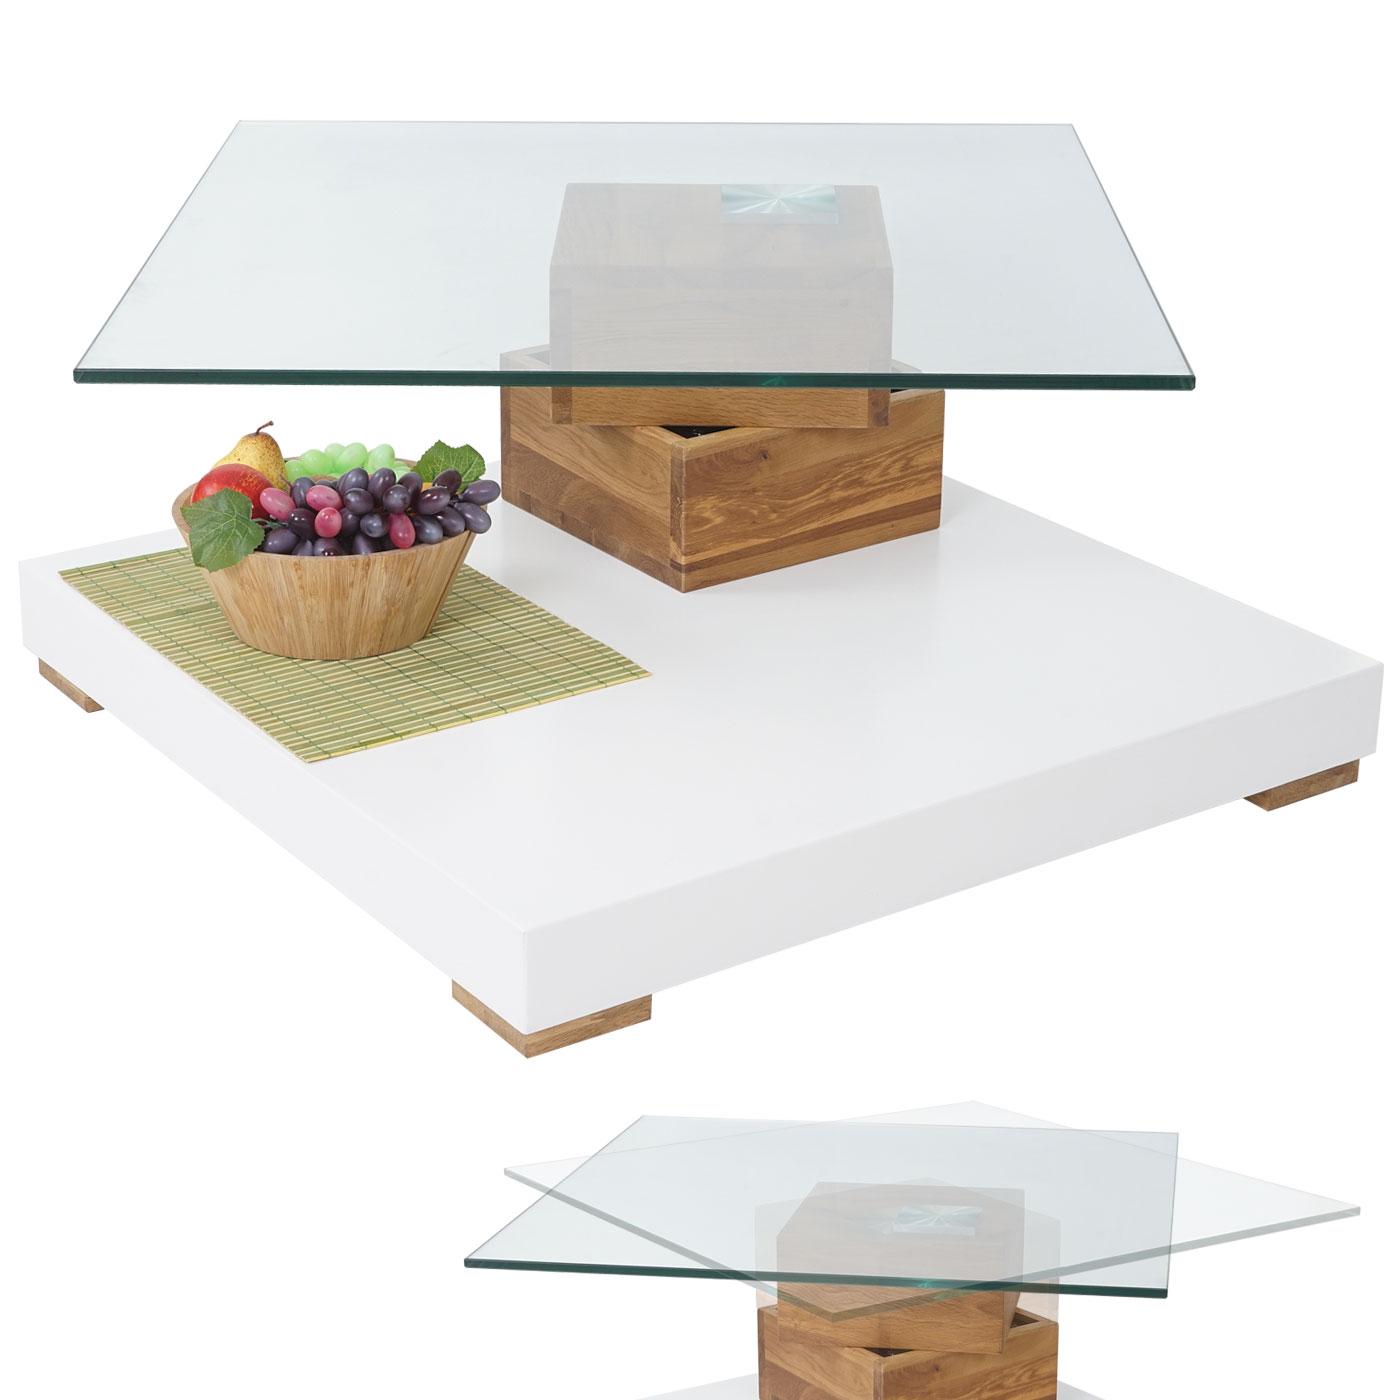 88 wohnzimmer tisch klappbar metall klapptisch for Wohnzimmertisch 70x70